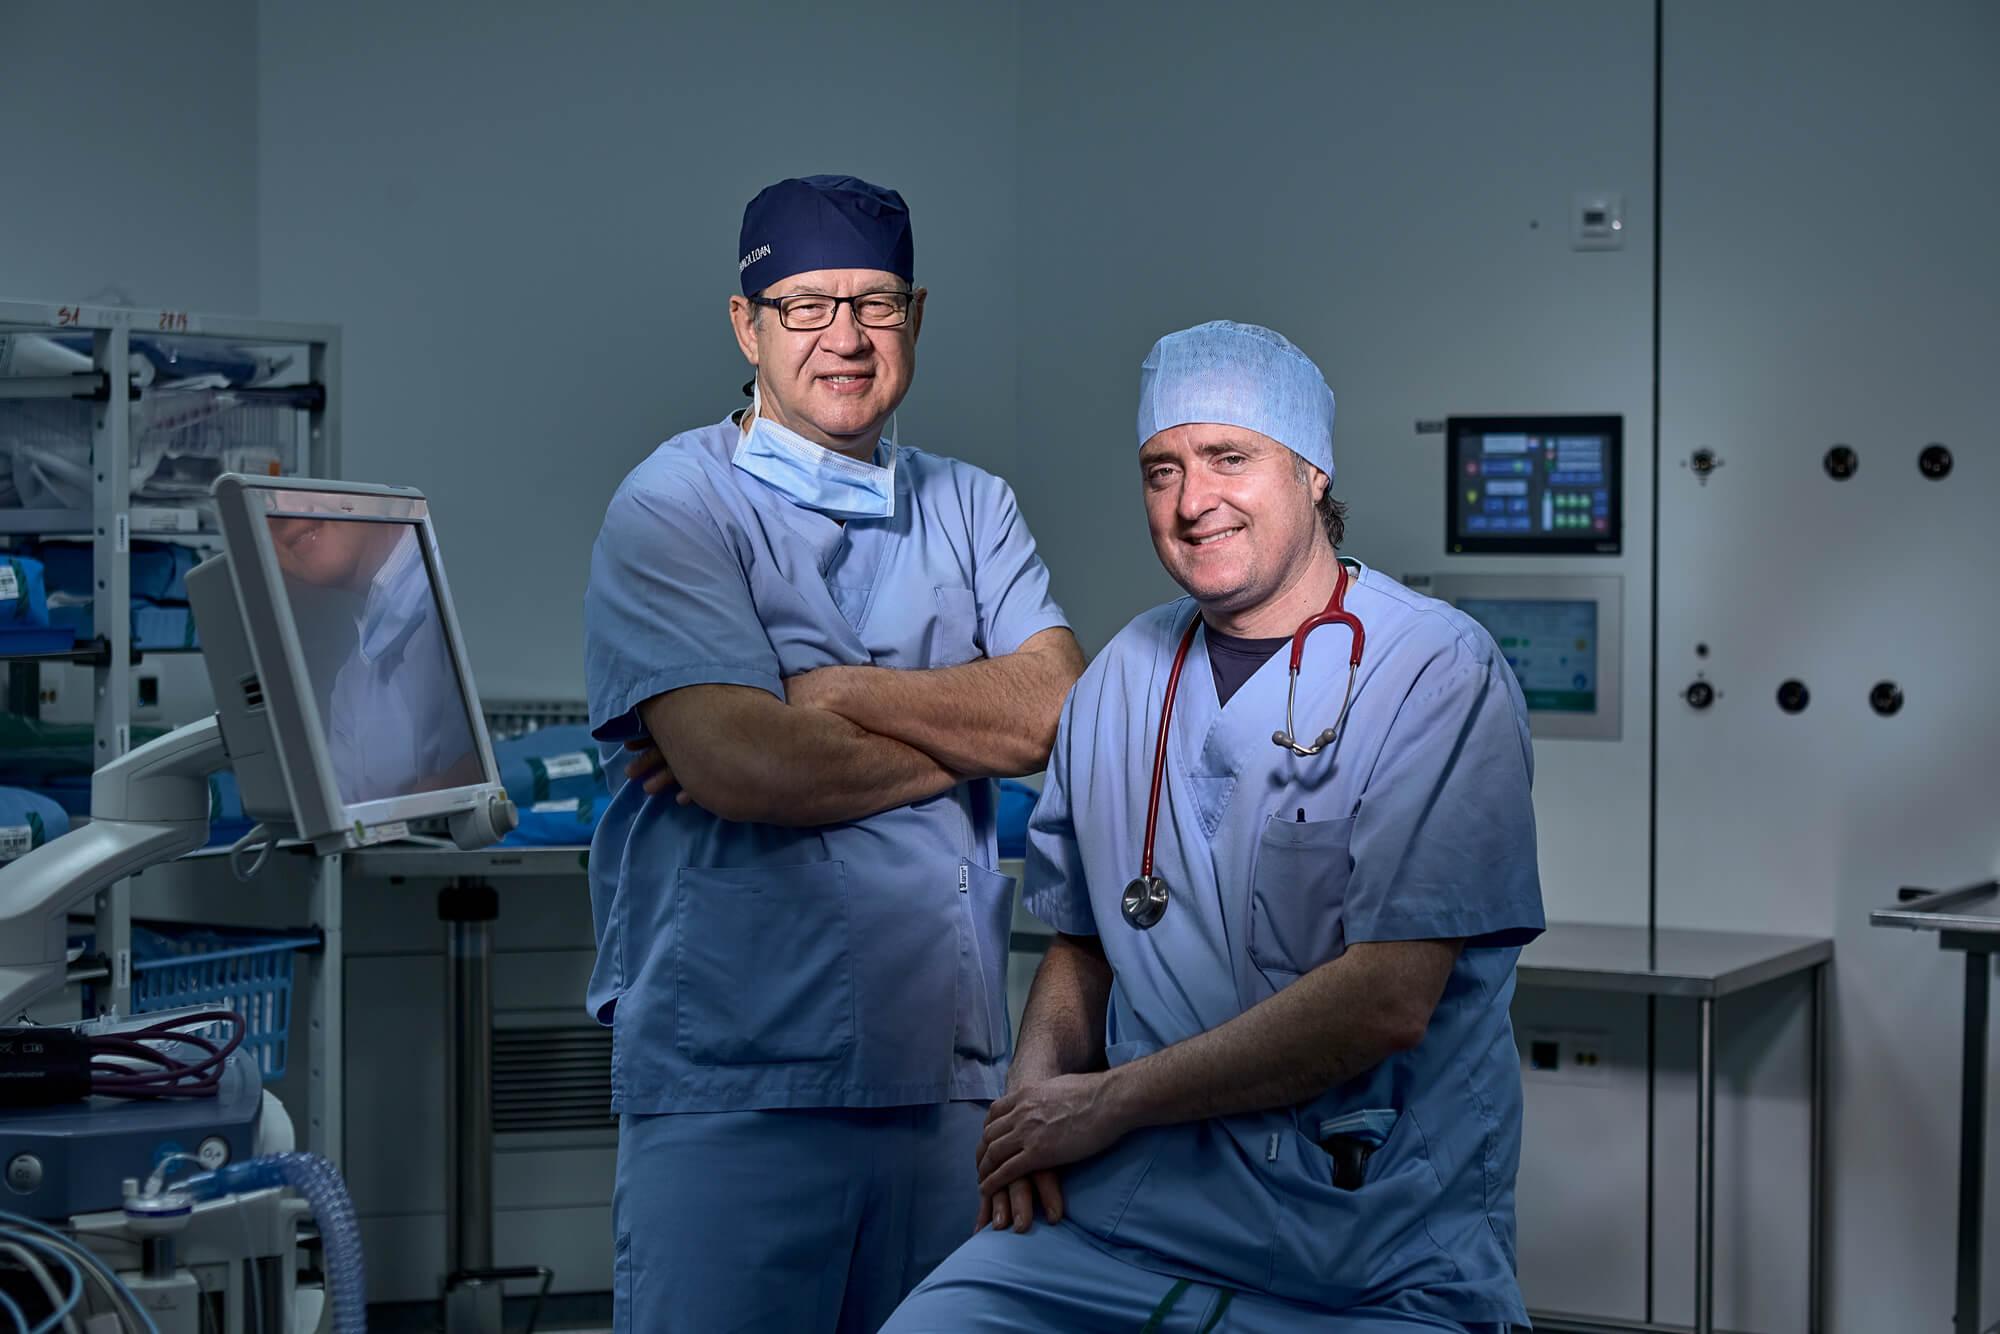 Dr.Ioan dunca with Dr. Pau